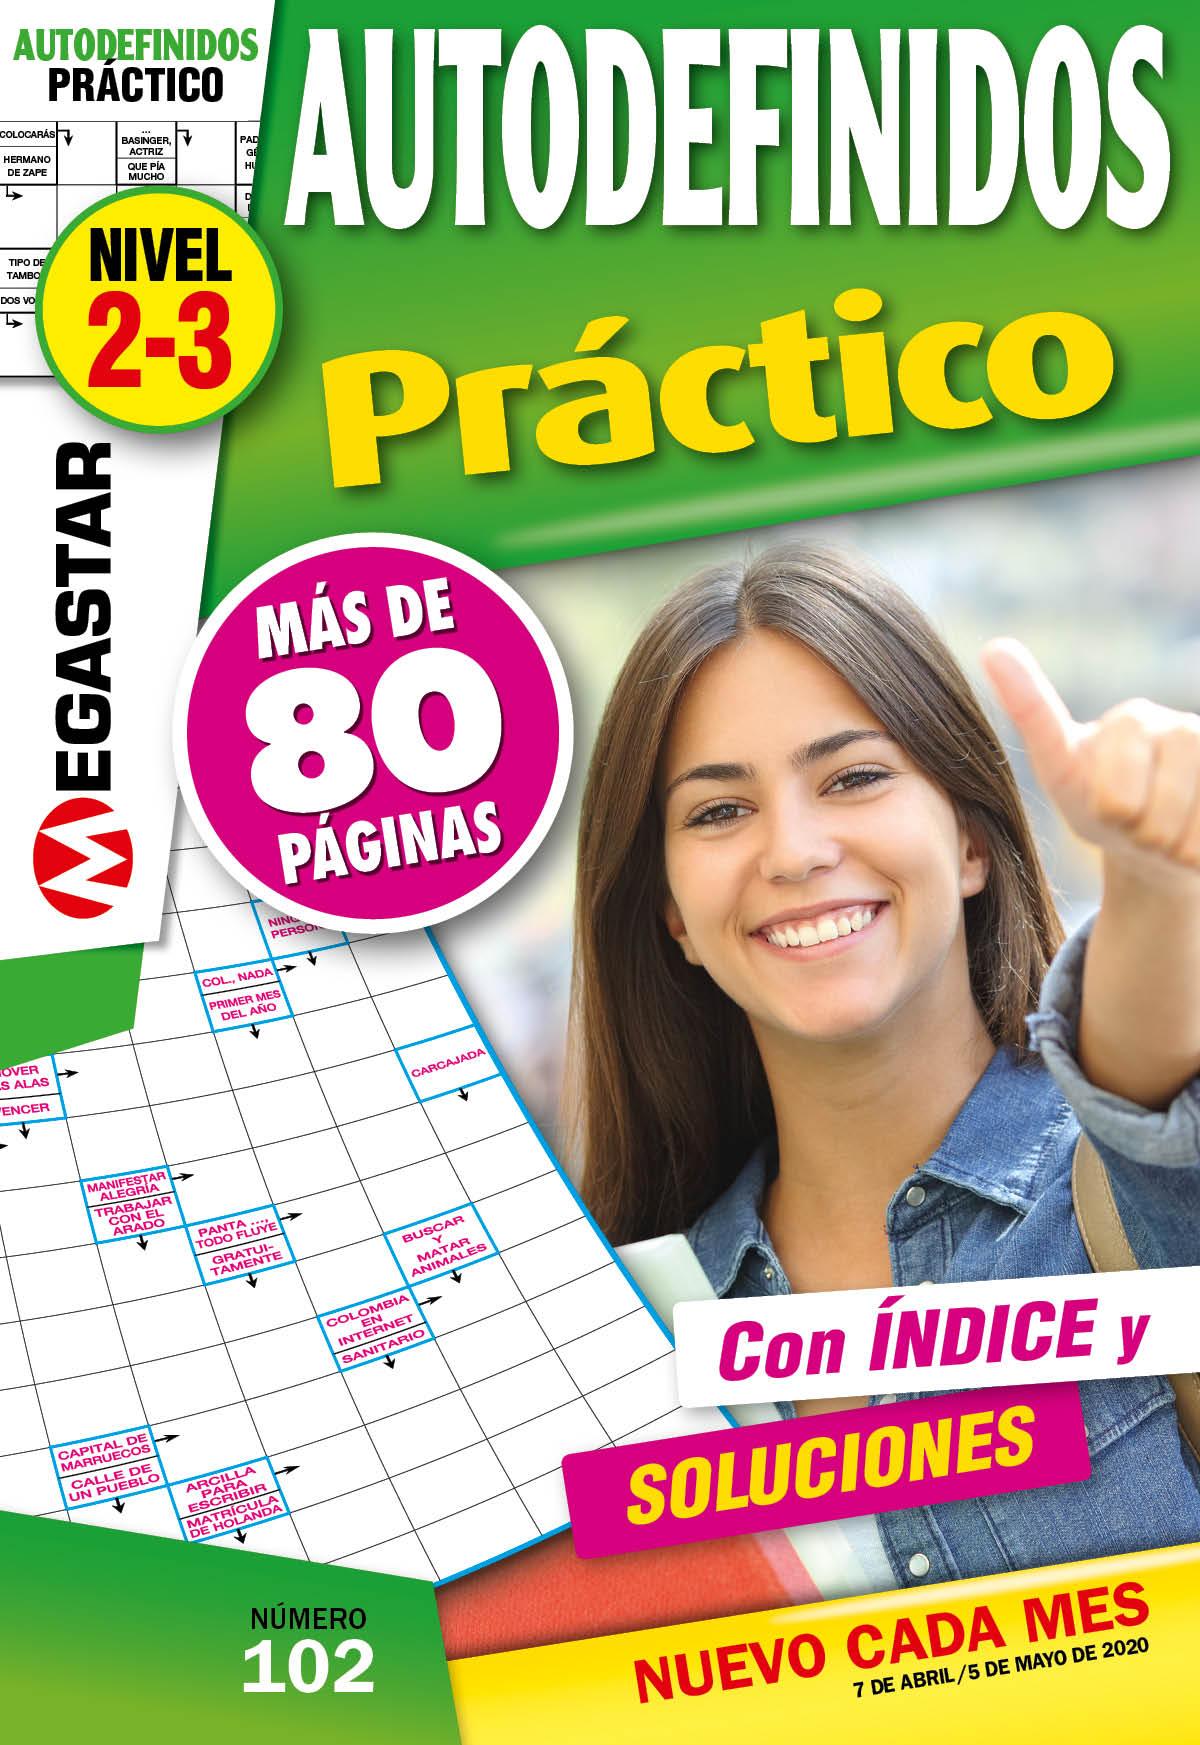 AUTODEFINIDOS PRÁCTICO NIVEL 2-3